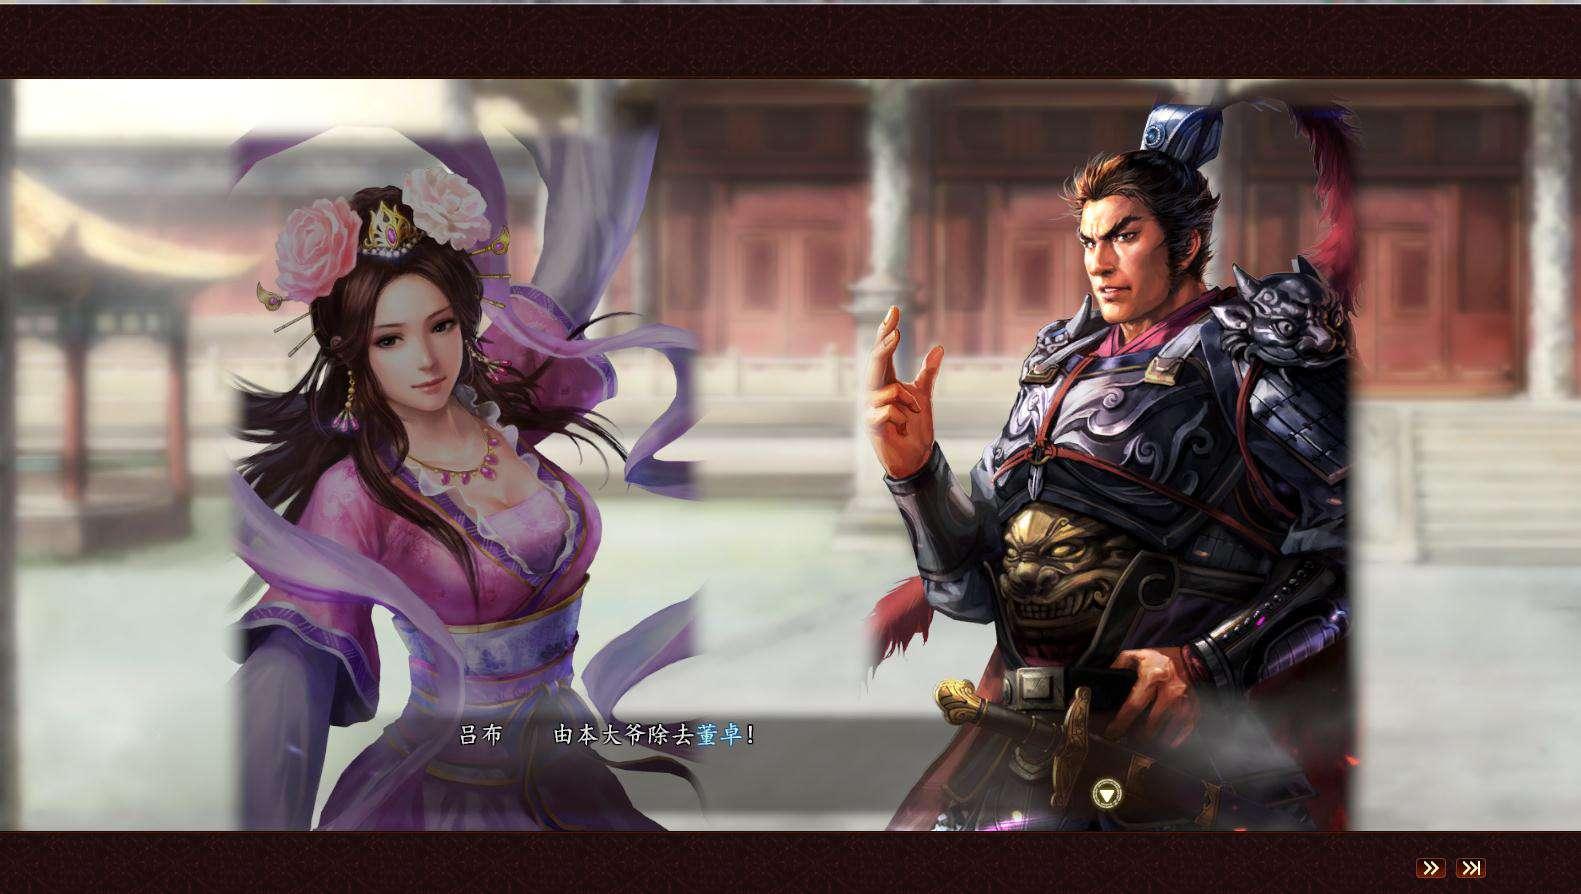 三国志14女性角色 三国志14女武将图片大全